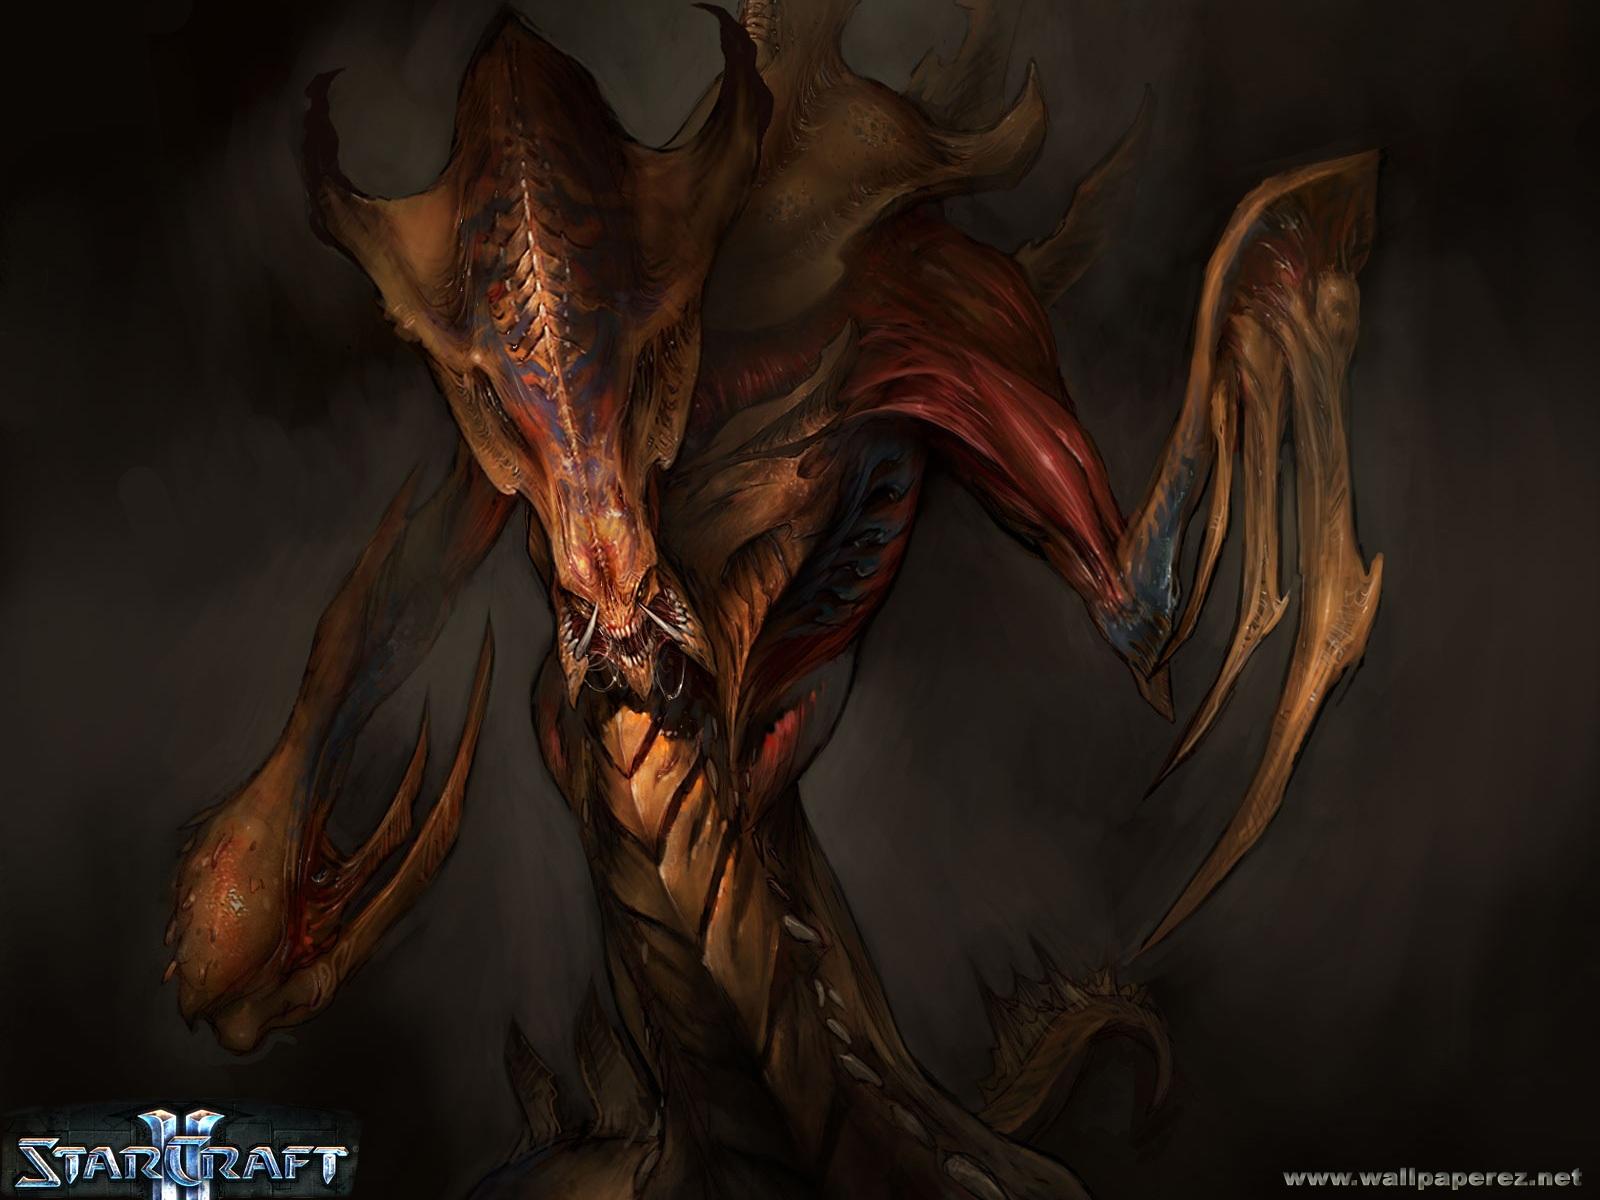 http://2.bp.blogspot.com/_vUdS5FxdvUE/TIGk4pCwvAI/AAAAAAAAAAc/9khYxLrMZZg/s1600/StarCraft-2-zerg-wallpapers-619.jpg